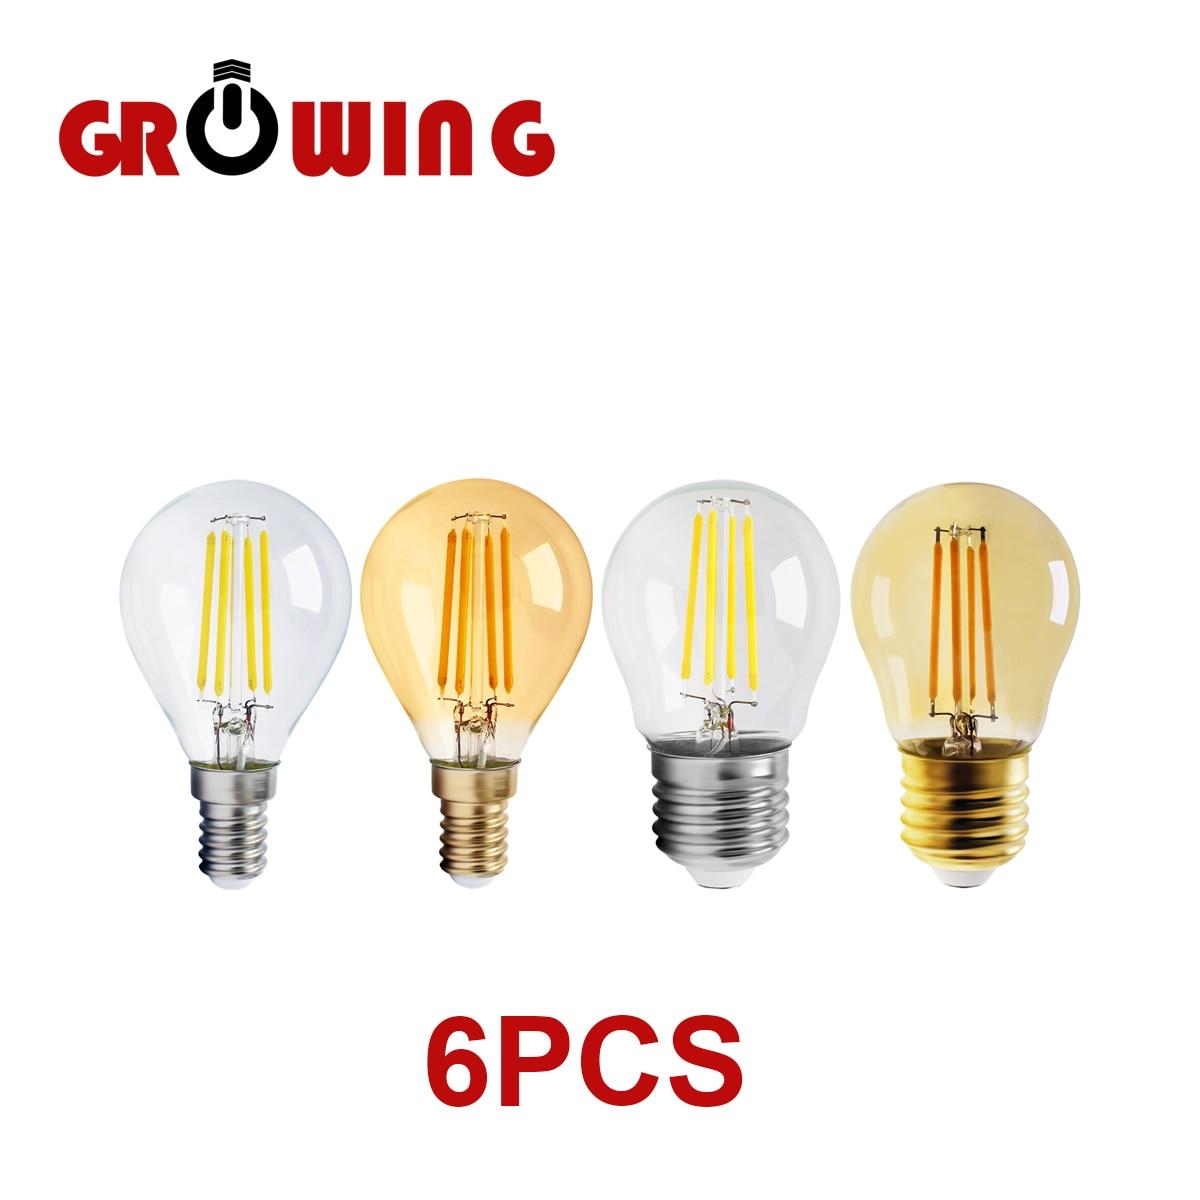 Винтажная лампа накаливания Эдисона 4 Вт G45, E14, E27, 220 В, 6 шт./лот, 2700 к, золото 4000 к, прозрачное стекло, внутреннее украшение